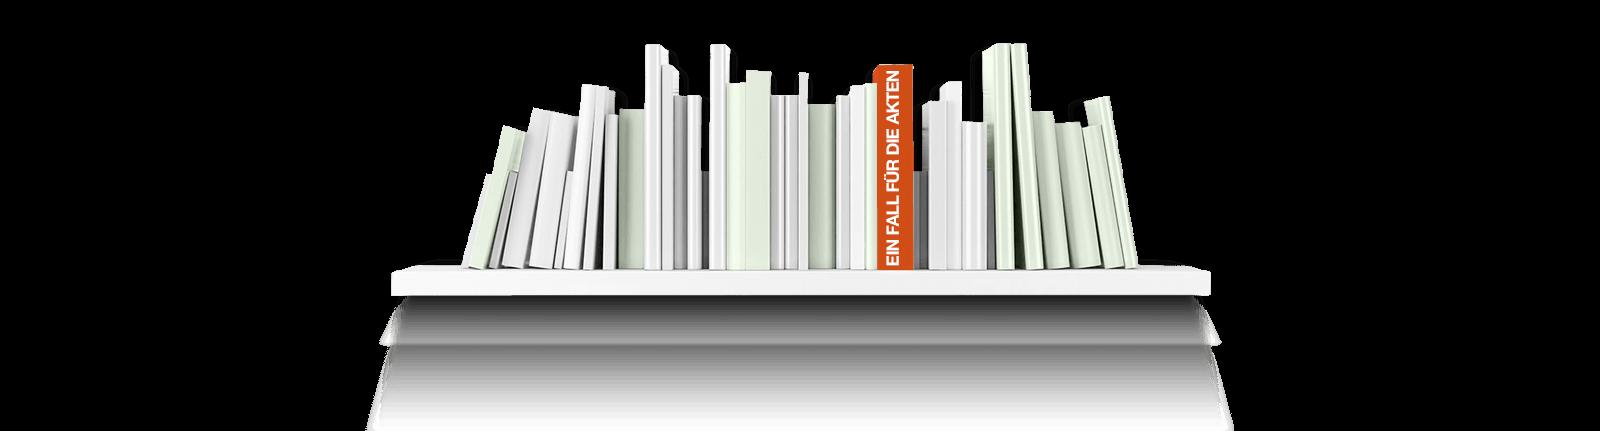 """Bild zeigt ein Bücherregal mit einem Buch zum Thema """"Ein Fall für die Akten"""""""